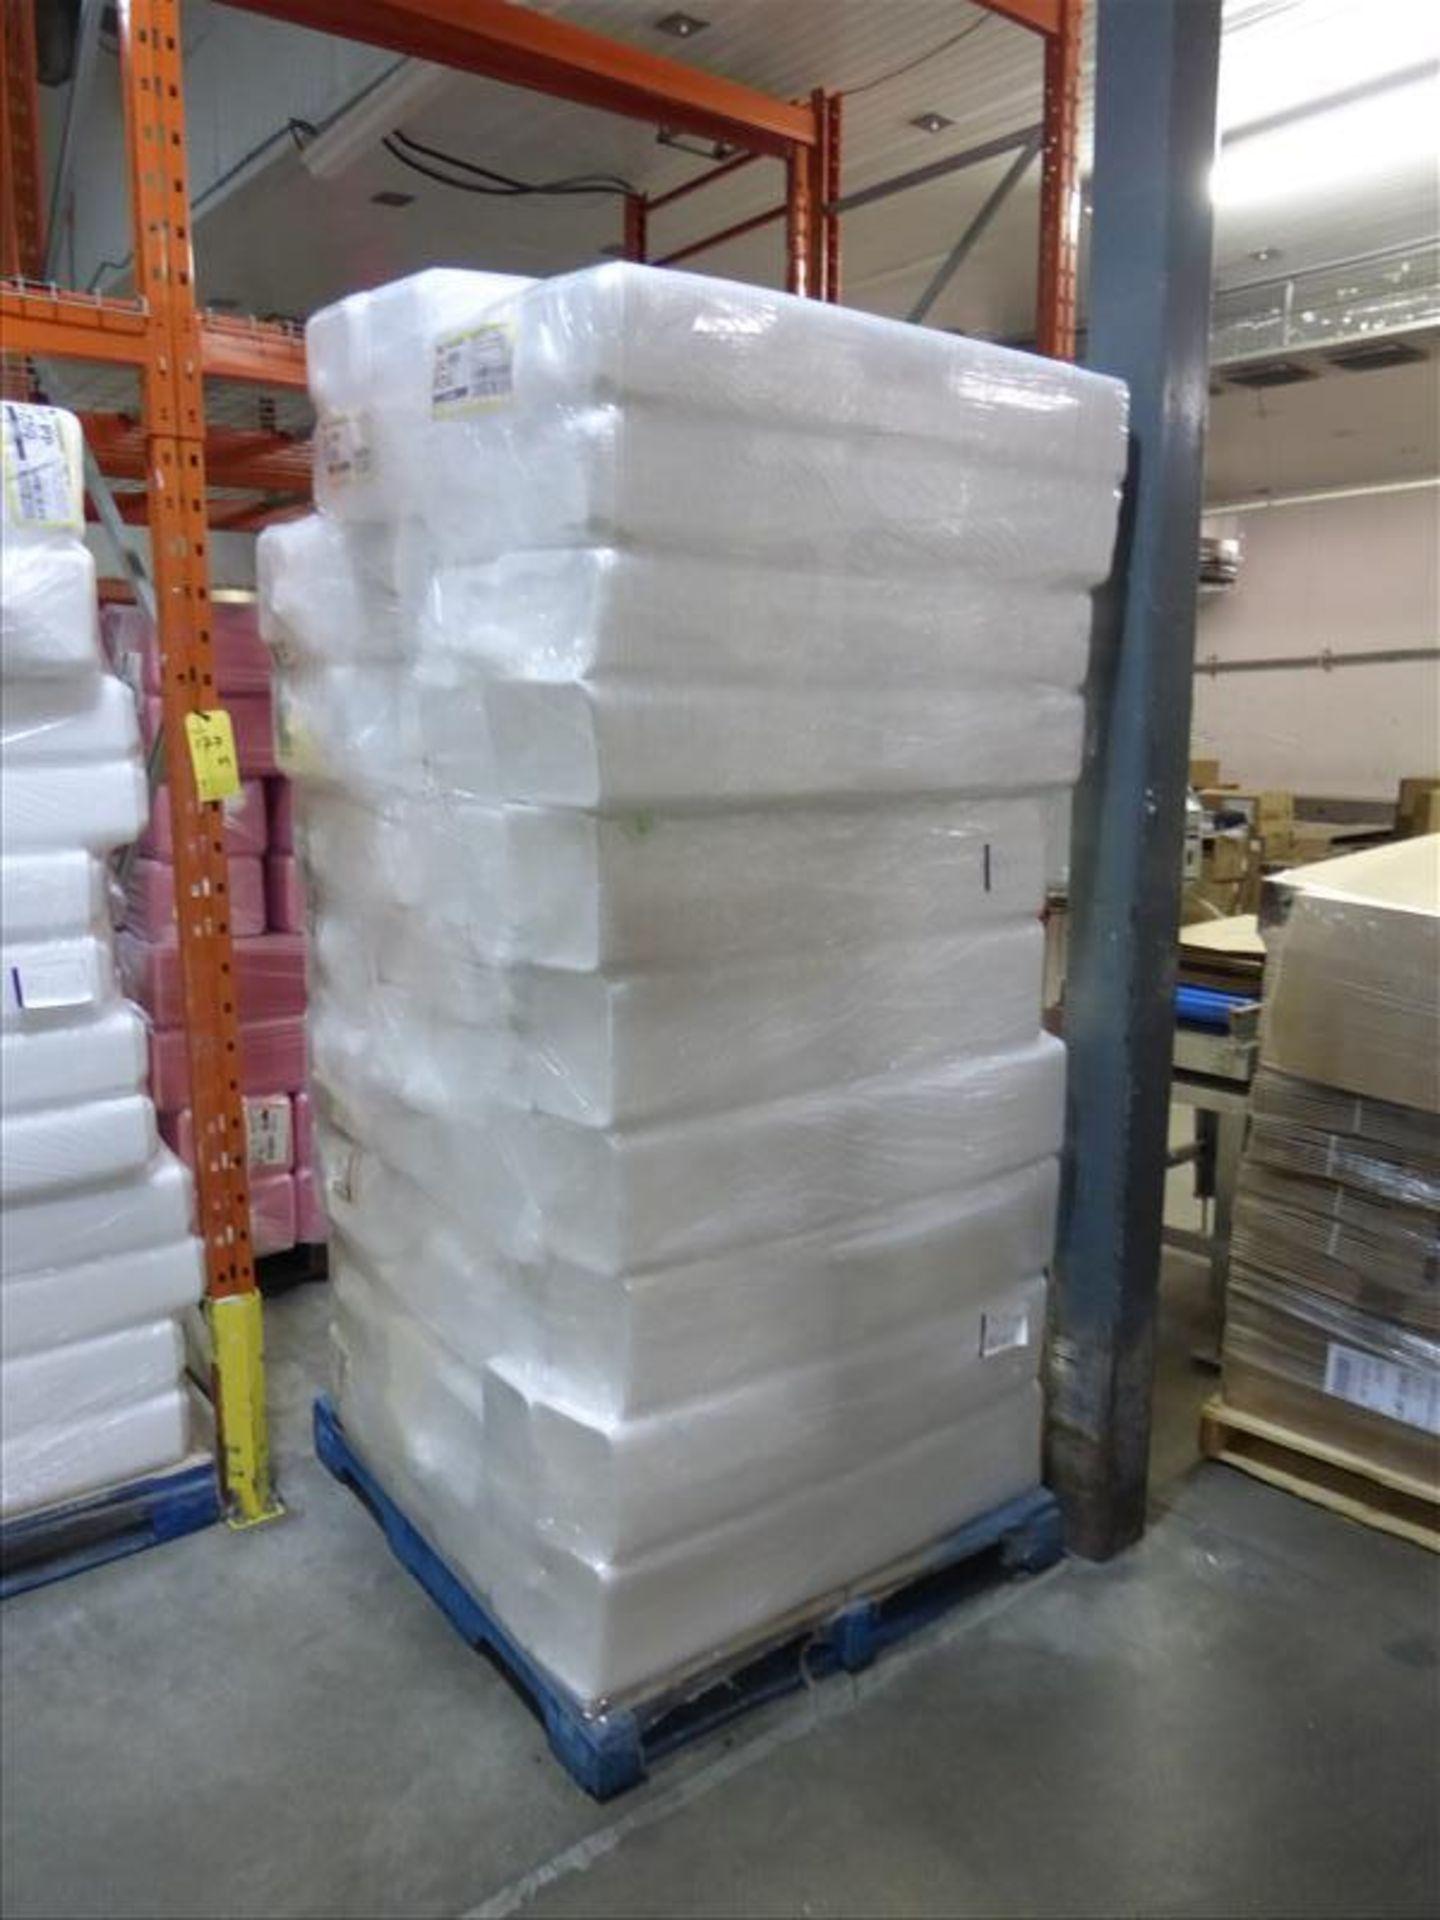 Lot 202 - (33 bundles, 13200) 3XPP - PZ40 overwrap foam trays, Cascade, white